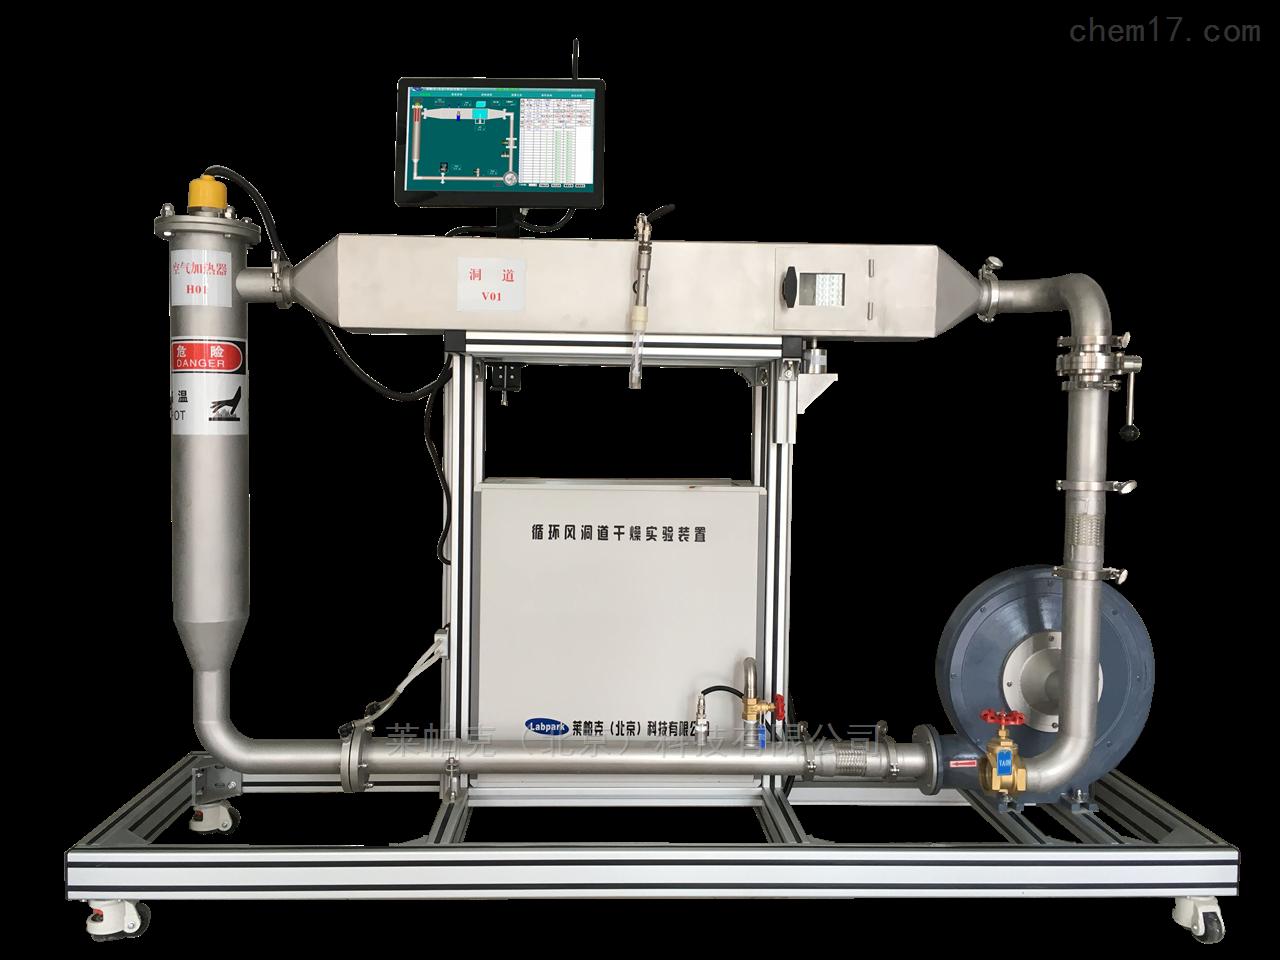 循环风洞道干燥实验装置 LPK-BDR